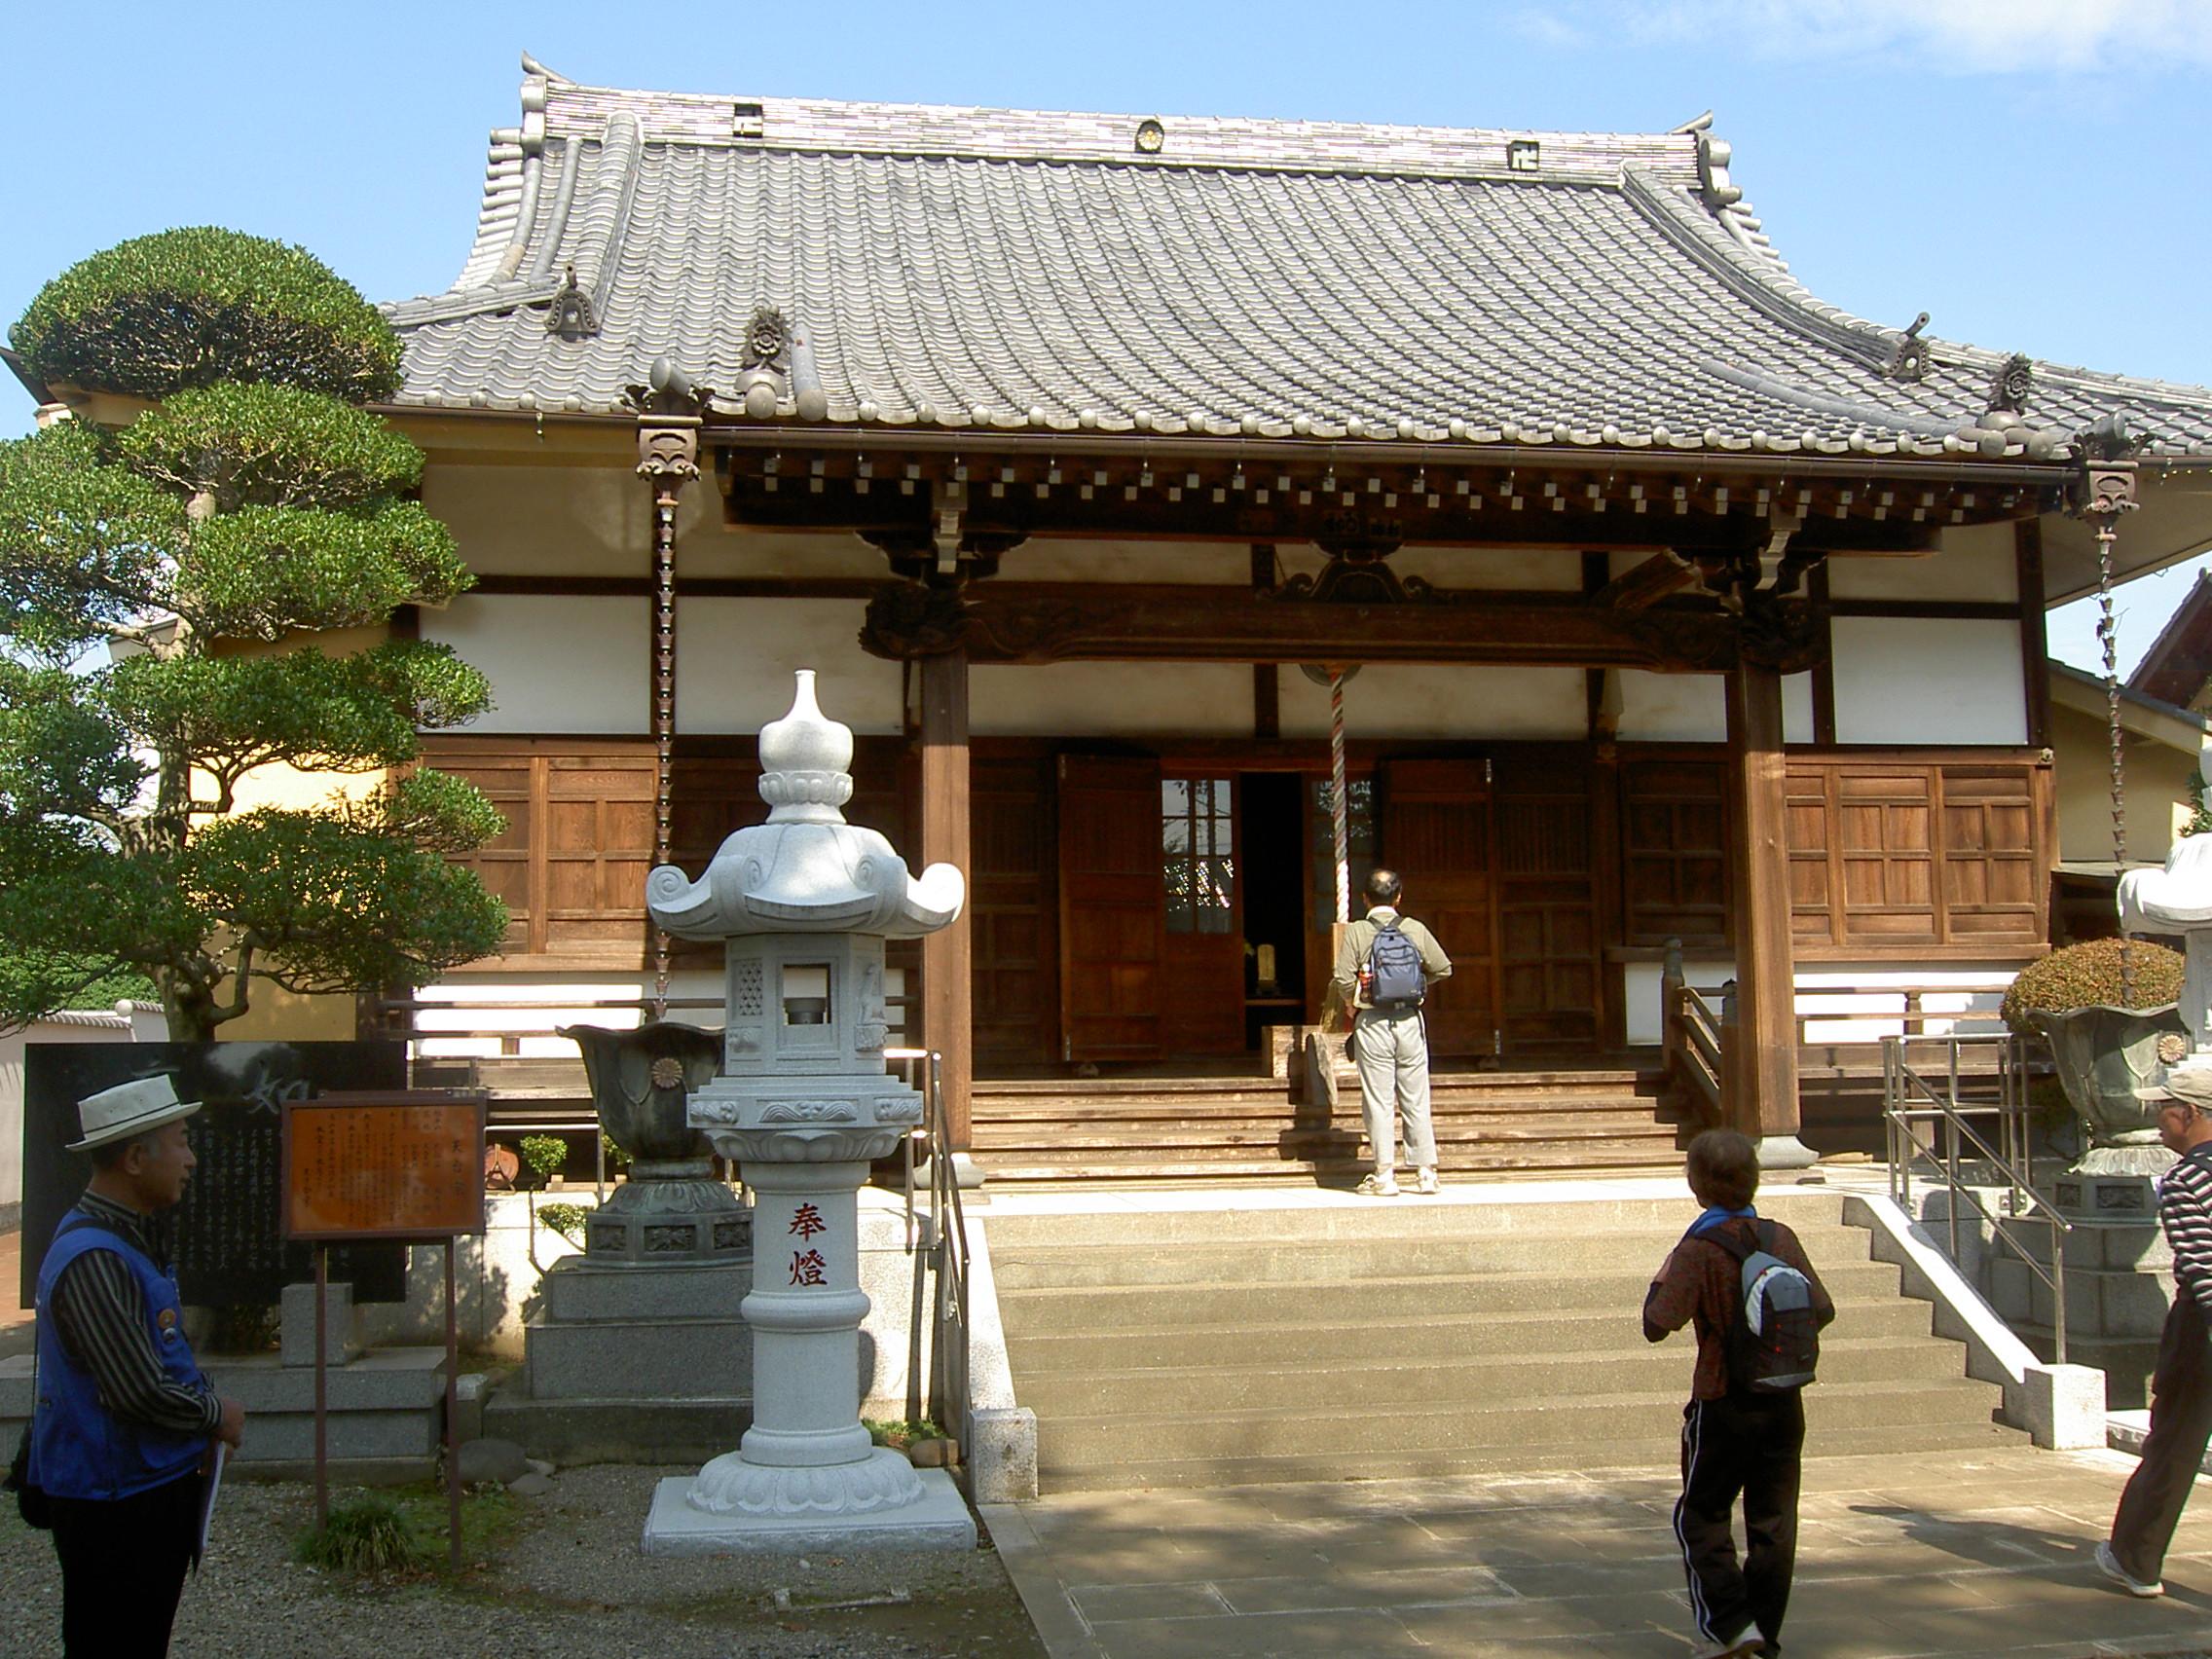 「JR ウォーク」で 桶川の神社・寺院(六阿弥陀)めぐり